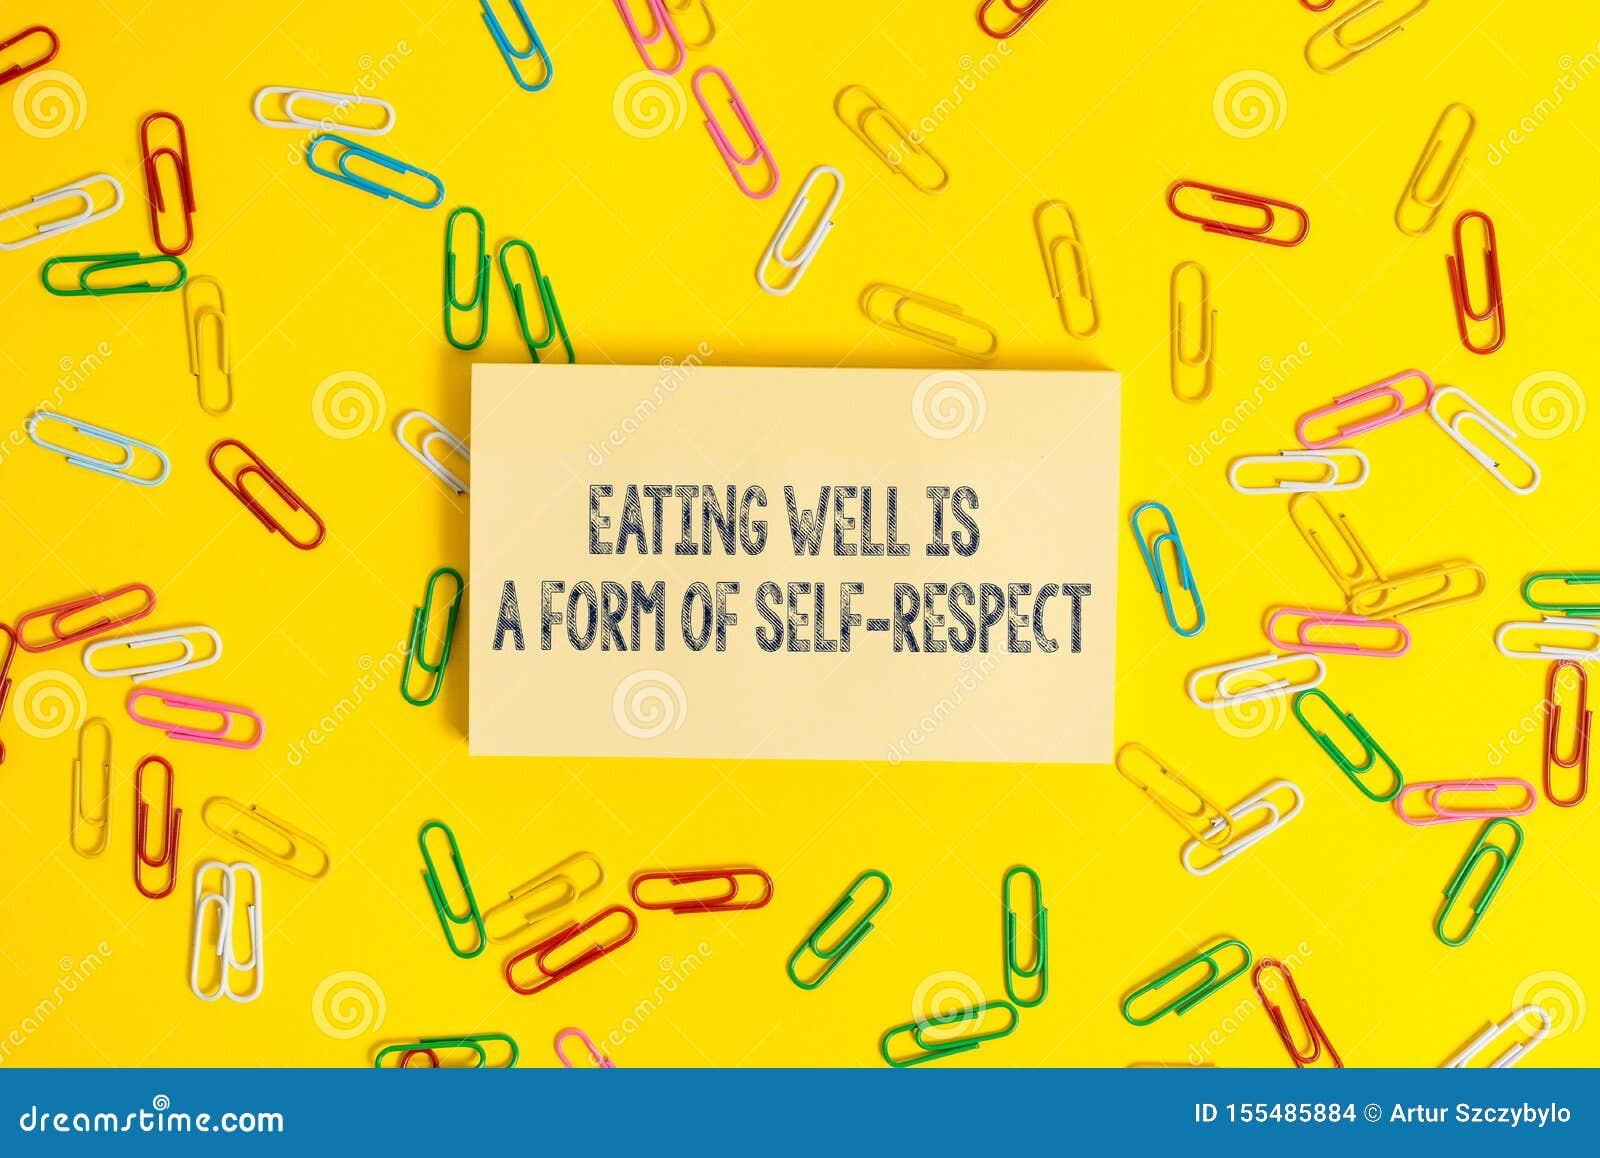 Το σημάδι κειμένων που παρουσιάζει να φάει είναι καλά μια μορφή μόνου σεβασμού Εννοιολογική φωτογραφία ένα απόσπασμα της προώθηση